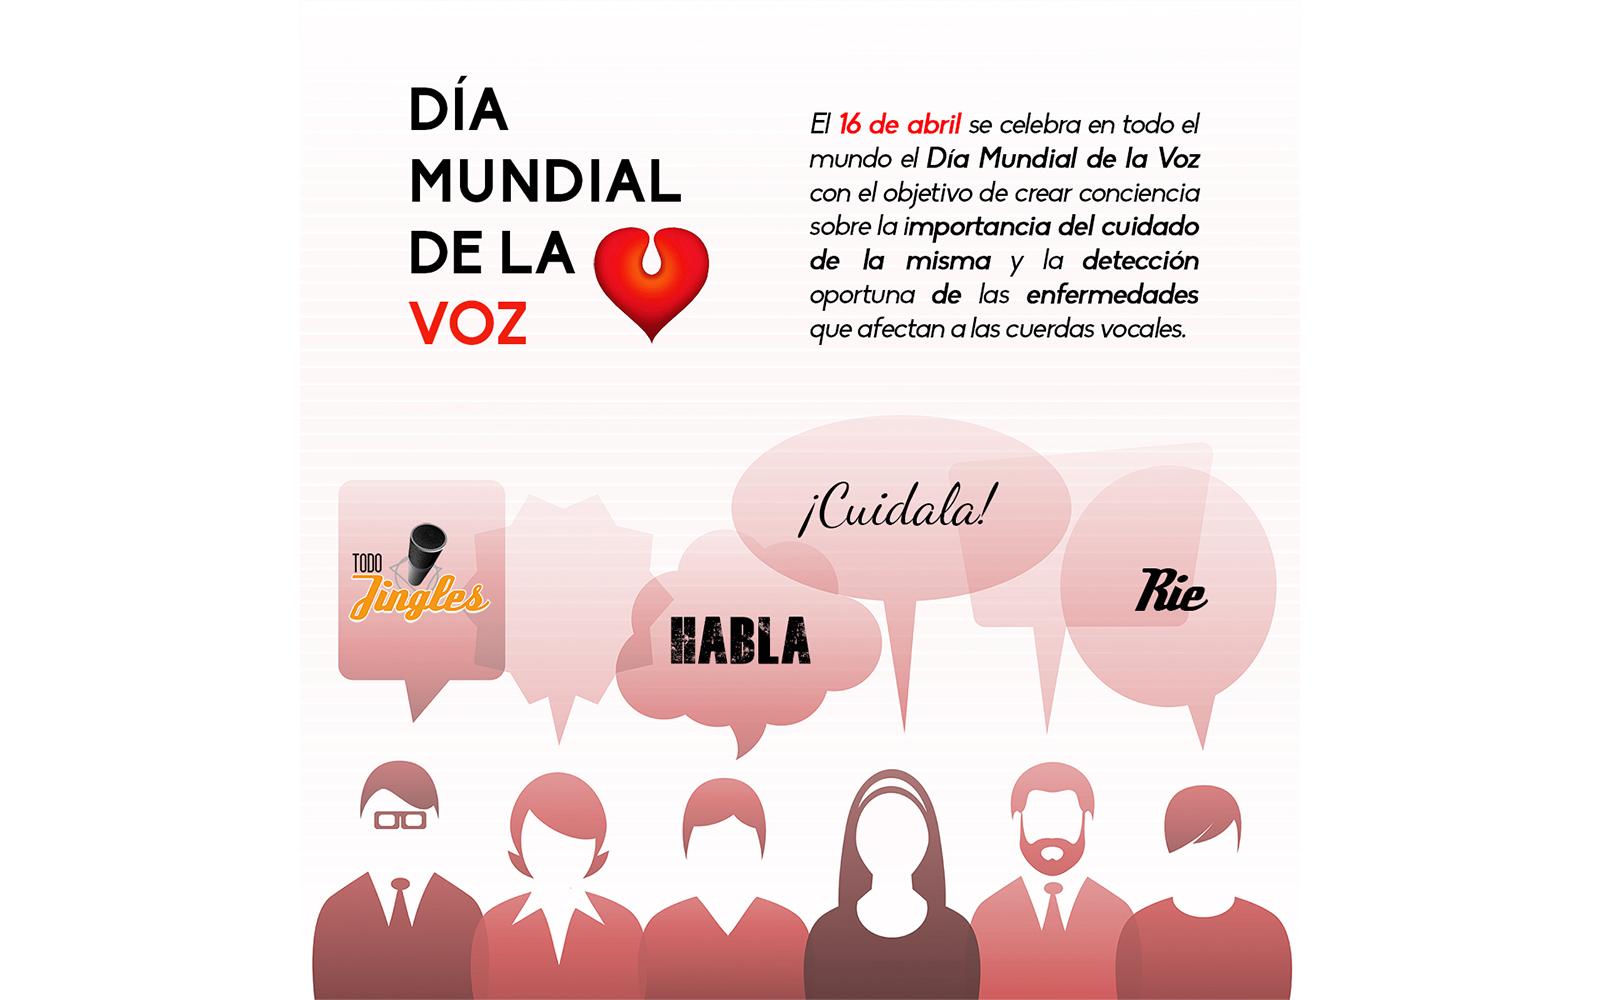 Dia Mundial de la Voz